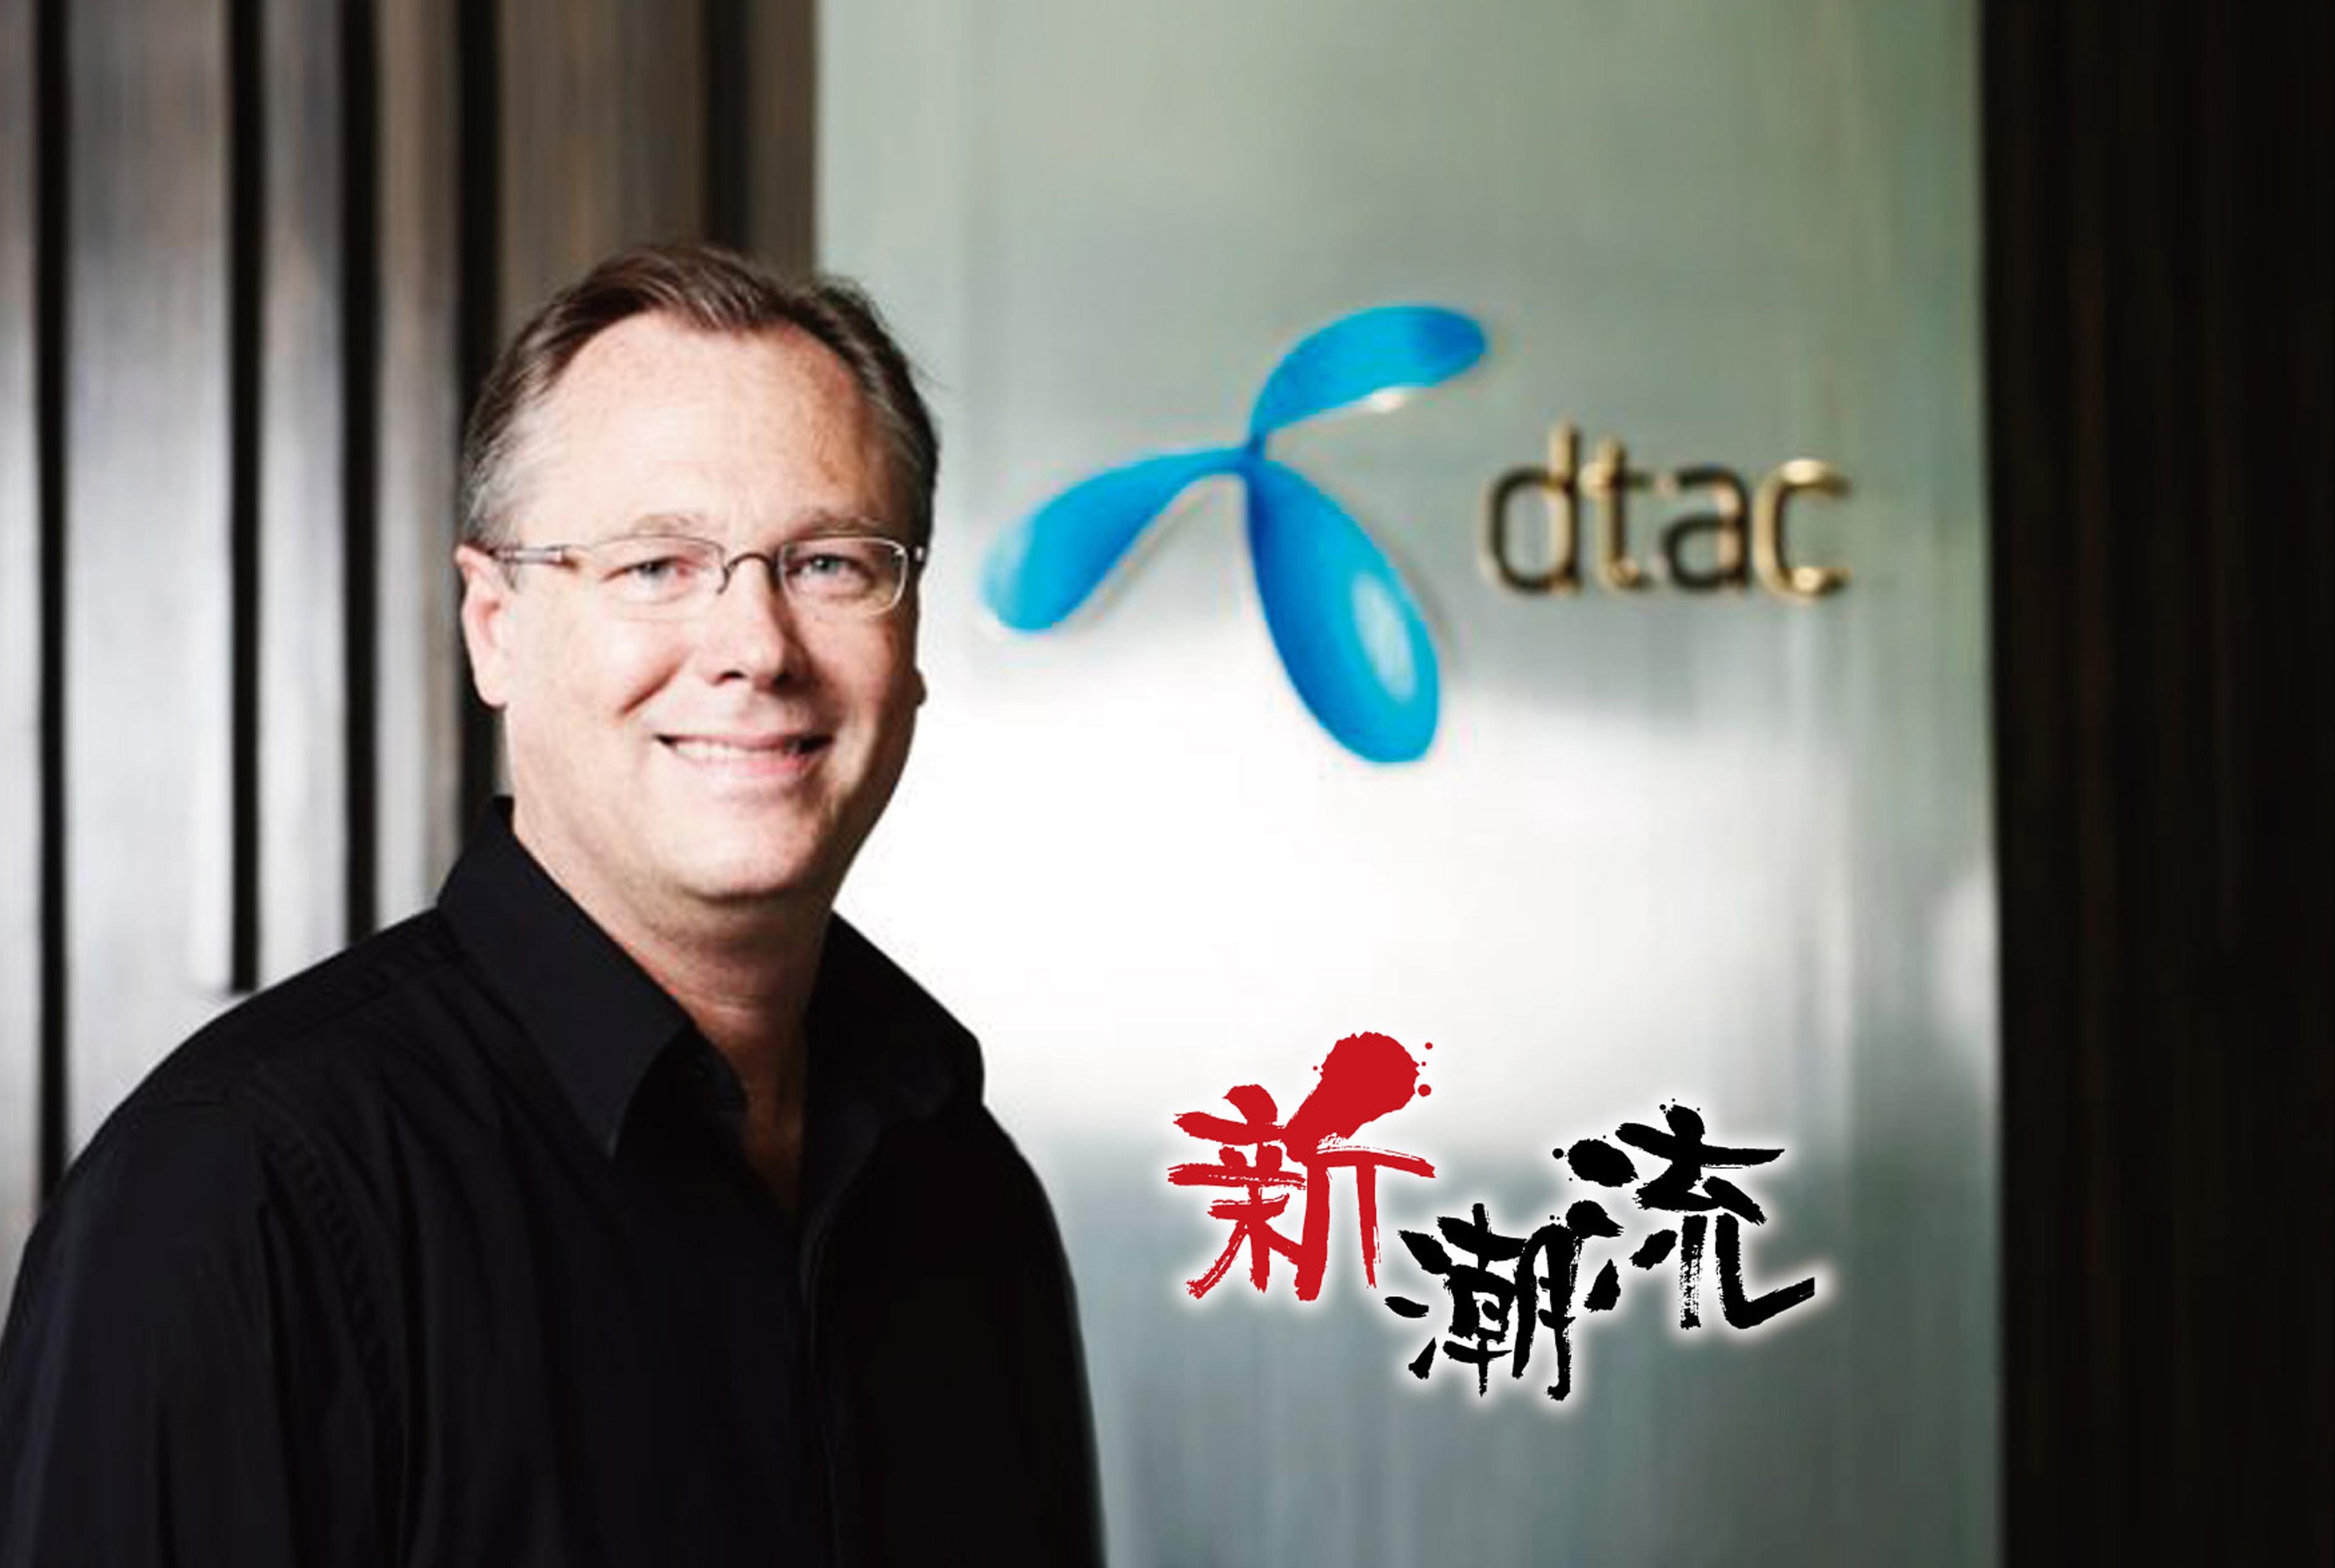 dtac - ワイズデジタル【タイで生活する人のための情報サイト】